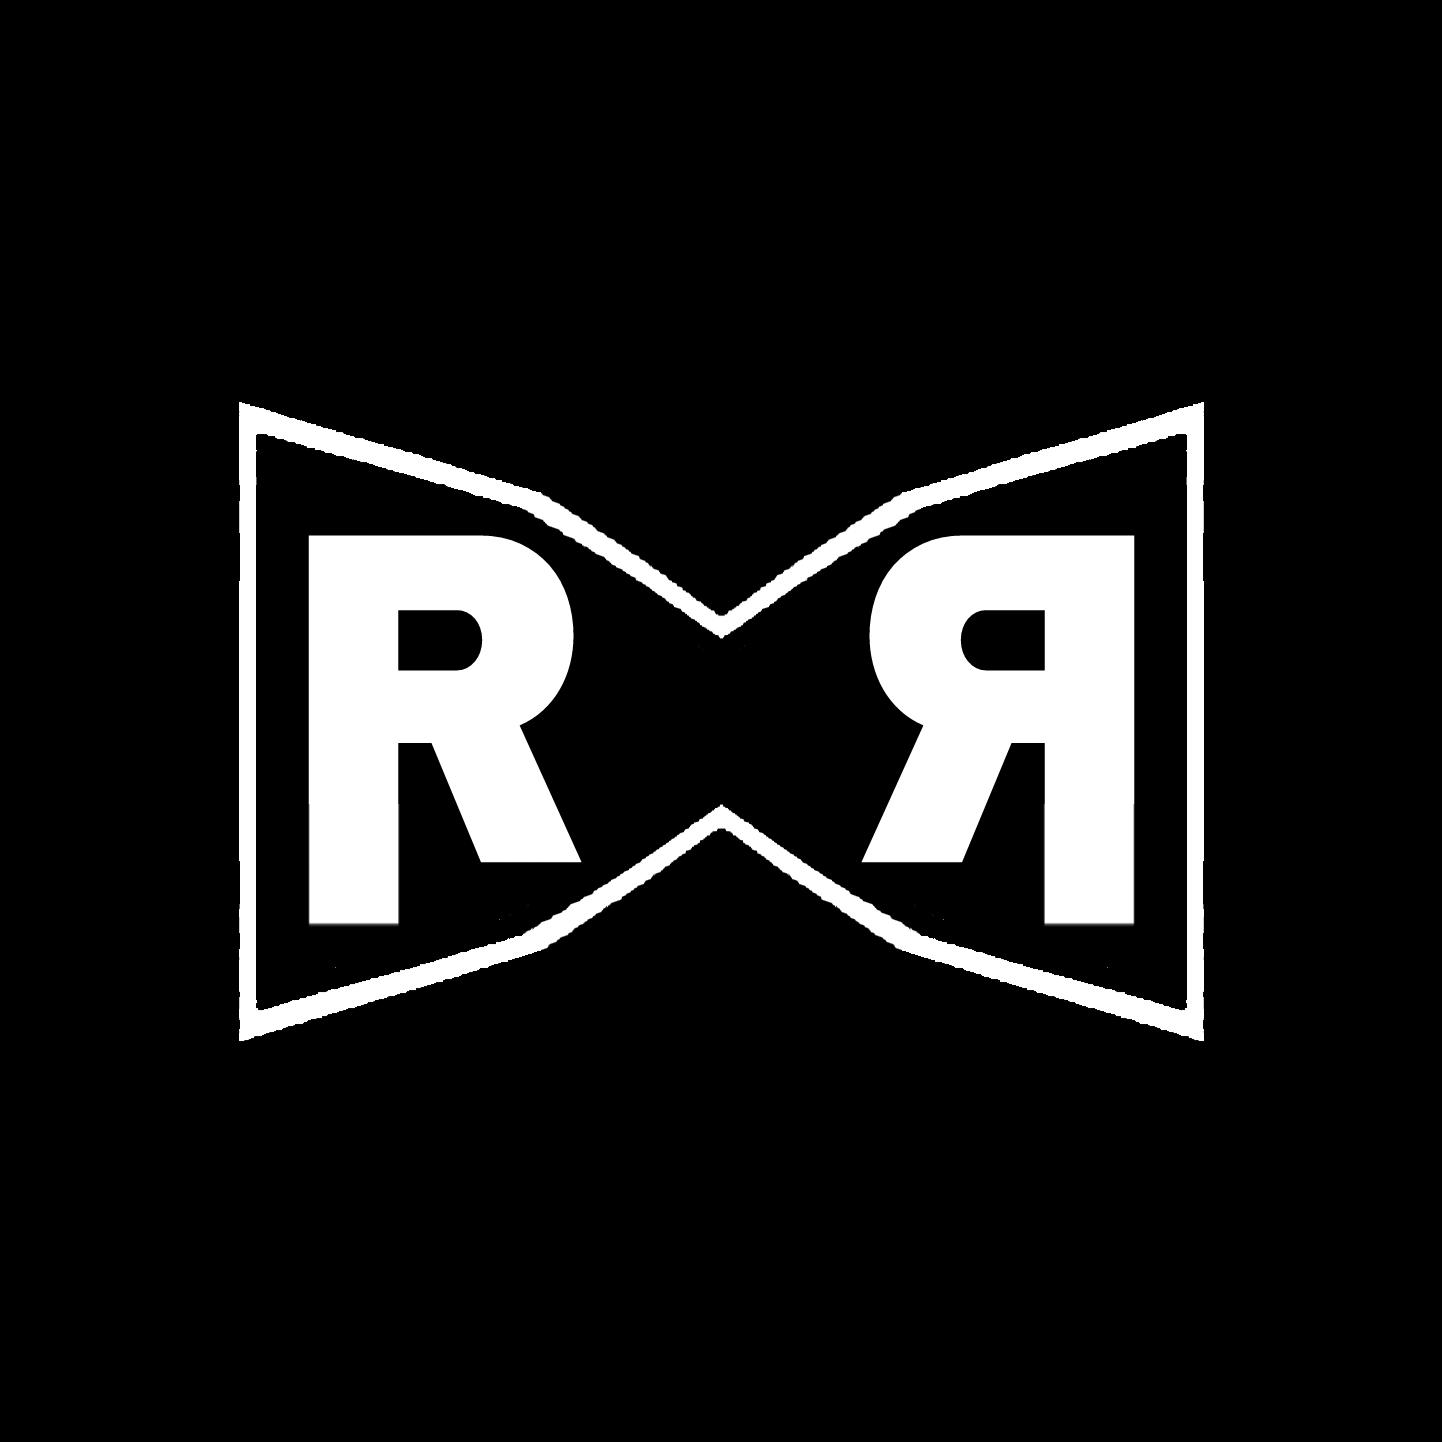 risma rizkiawan (@rizkiawanovski) twitter  lagu rizma symbol on program.php #15